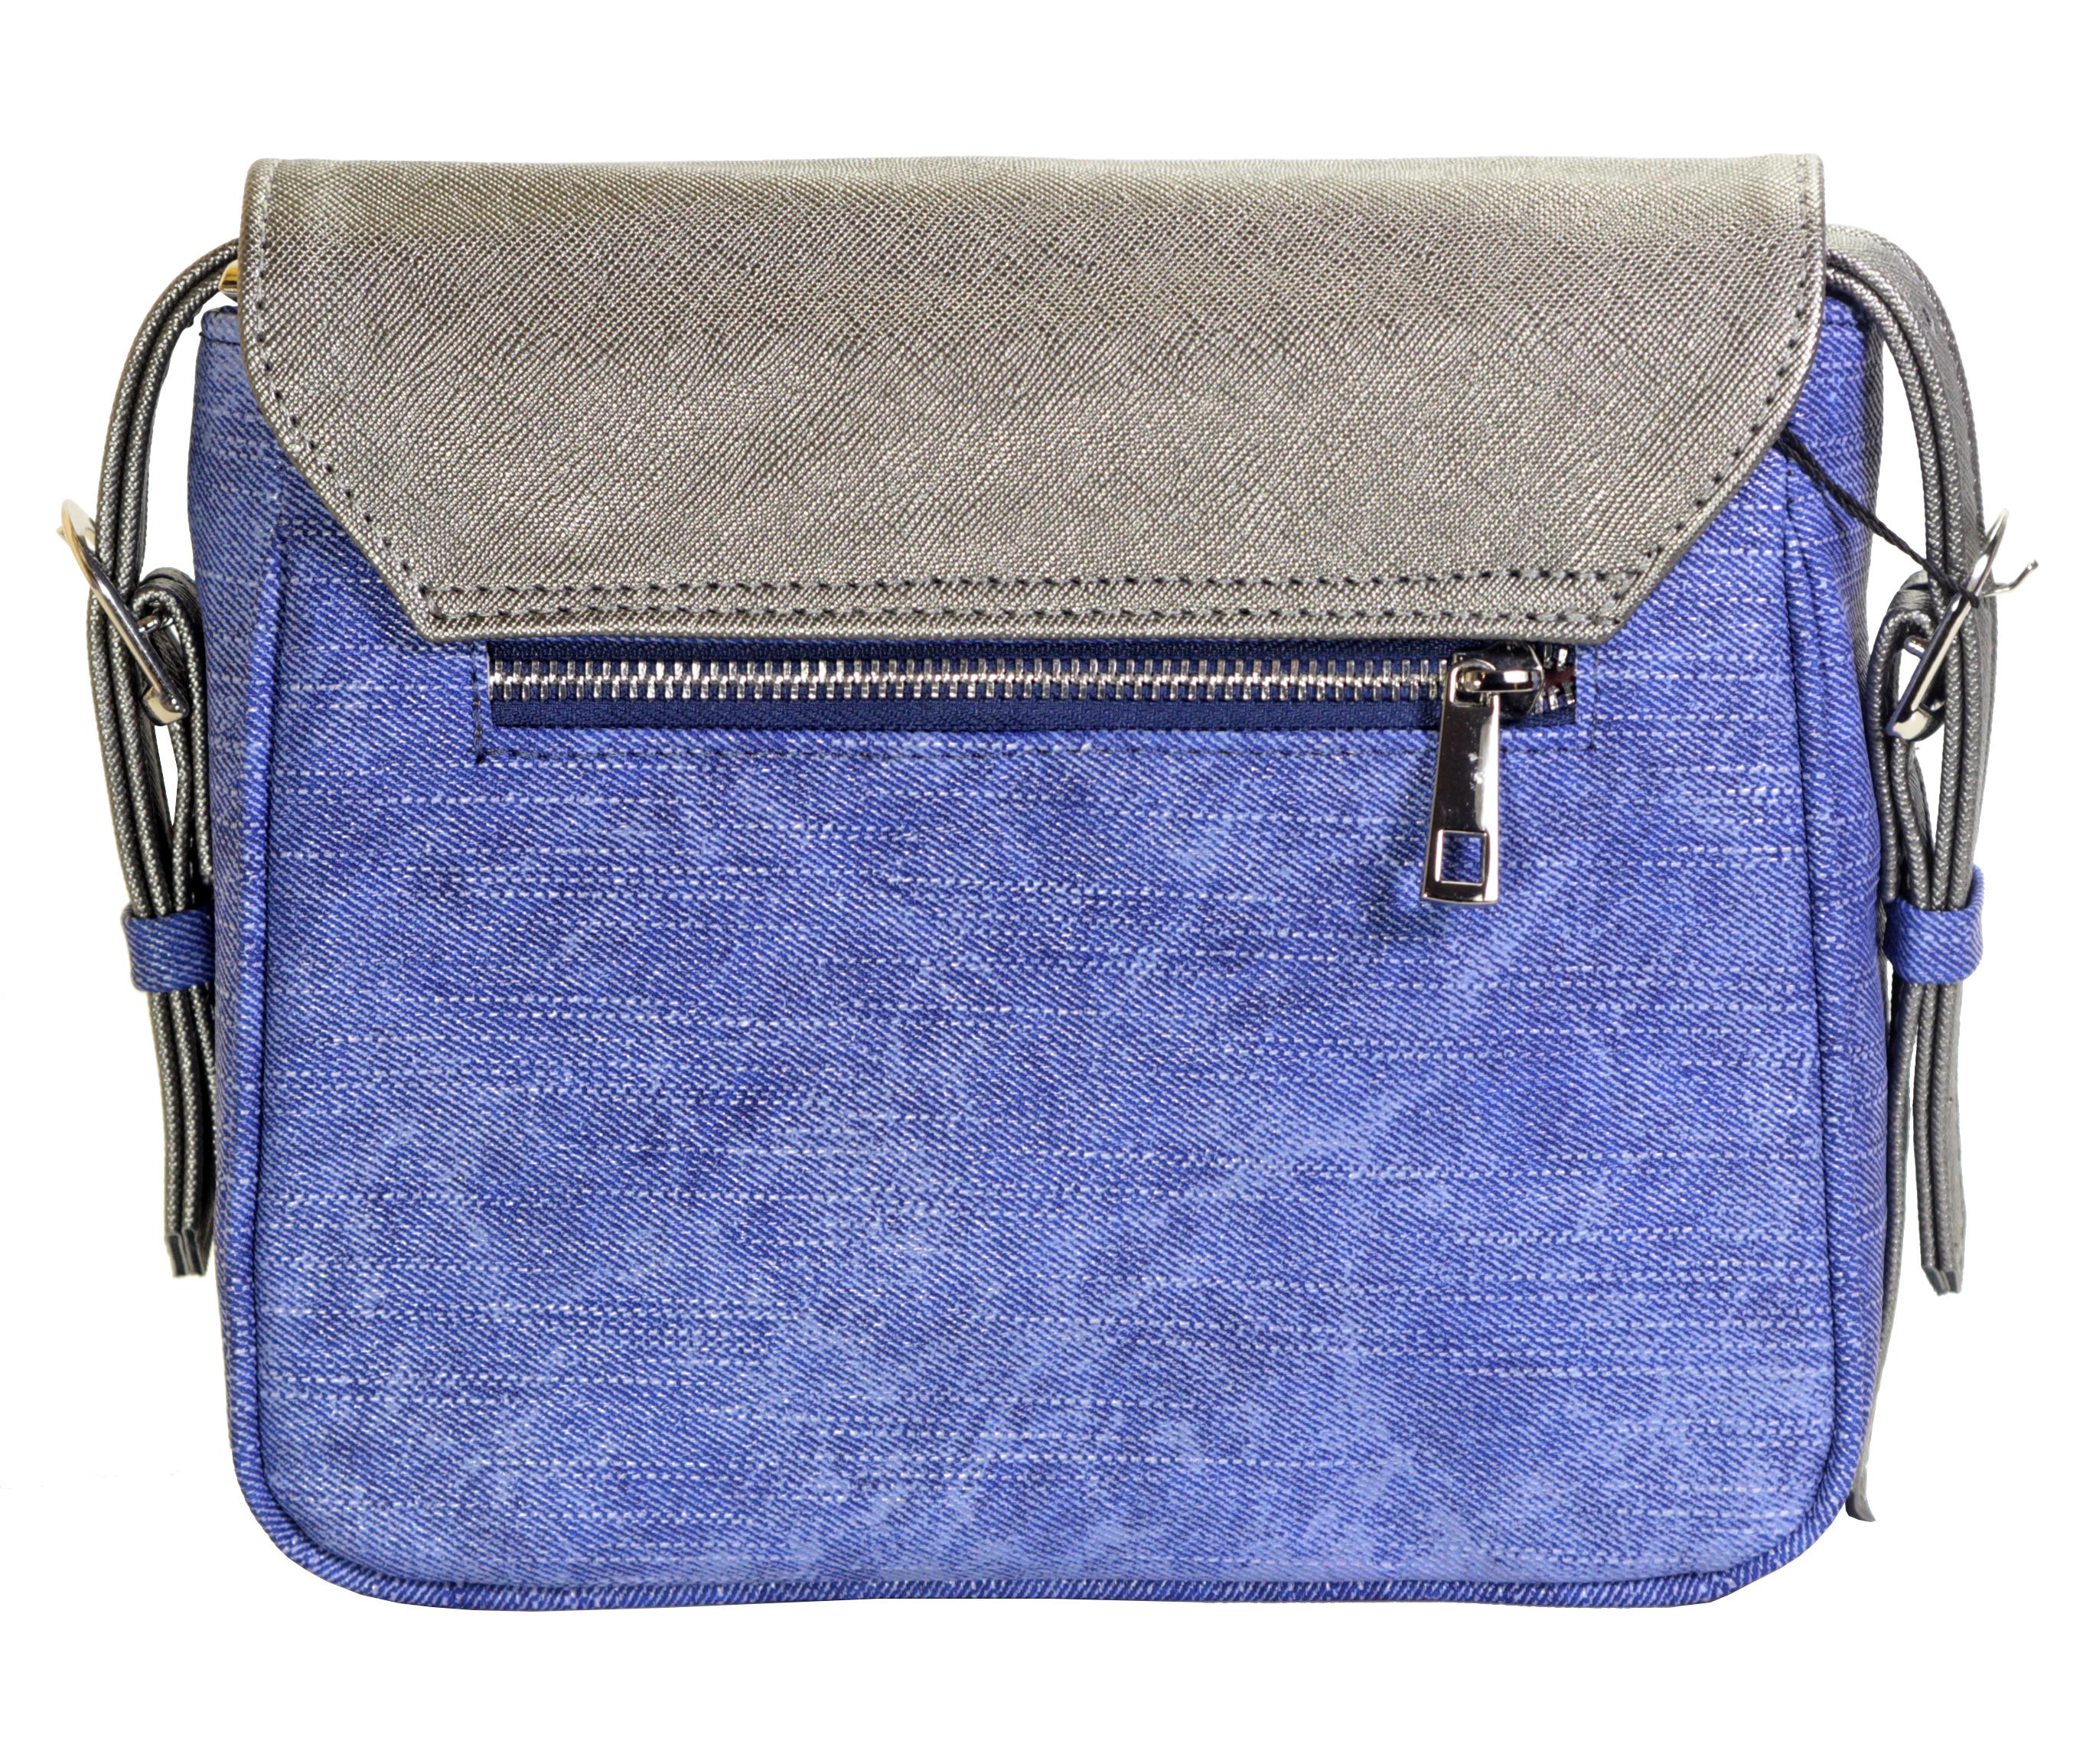 Crossbody kabelka v džínovém provedení 11-10245-silver-denim-blue - zadní pohled